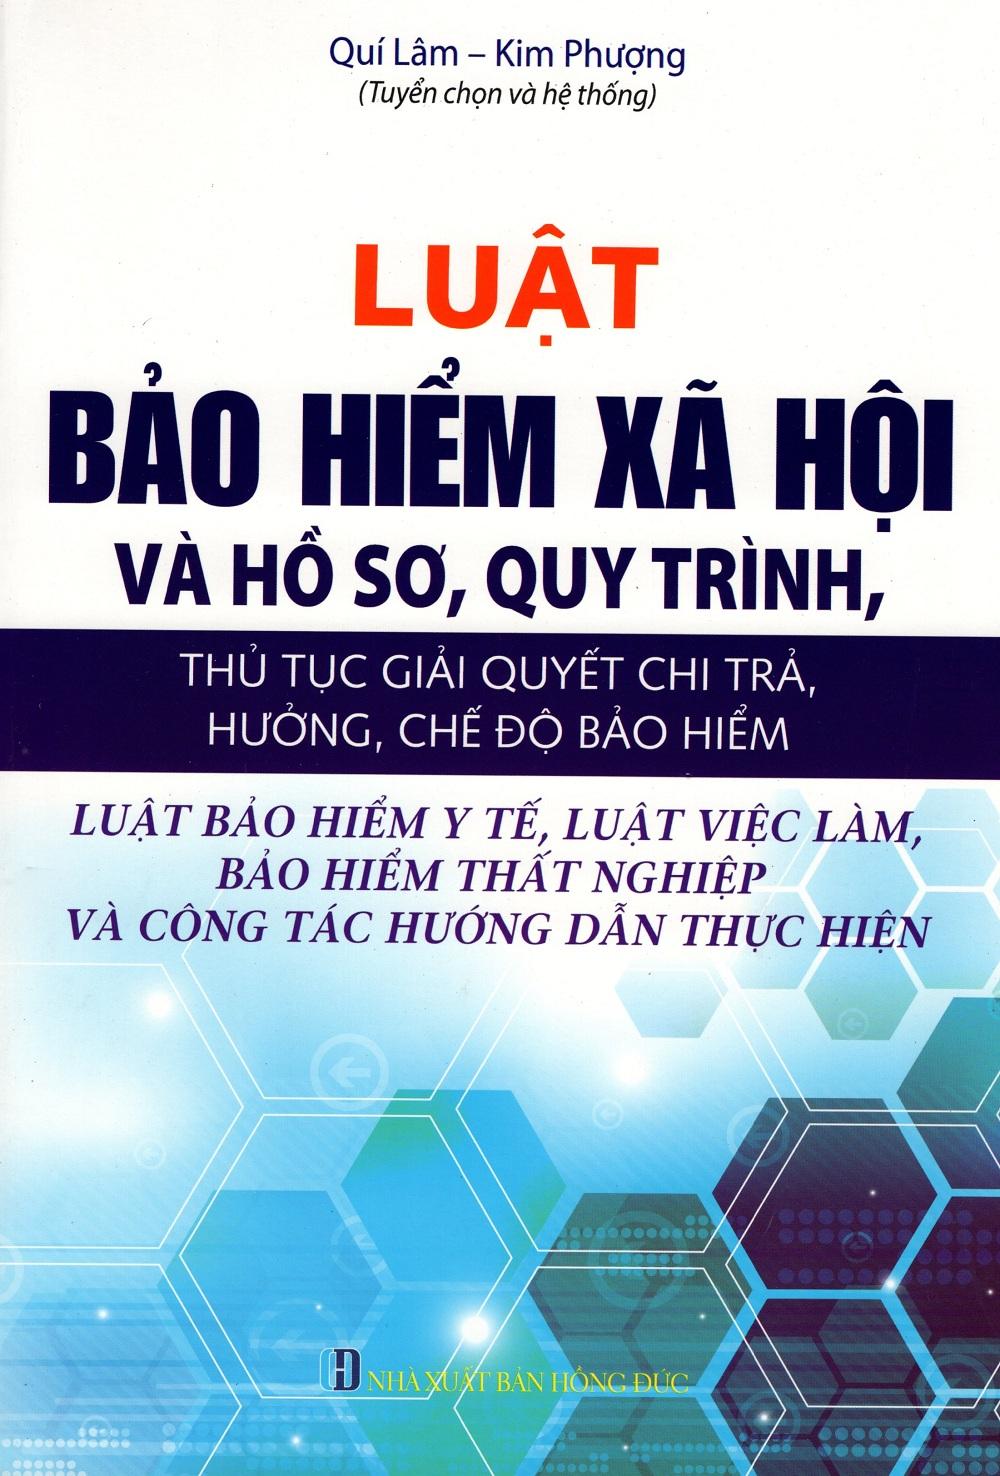 Luật Bảo Hiểm Xã Hội Và Hồ Sơ, Quy Trình, Thủ Tục Giải Quyết Chi Trả, Hưởng, Chế Độ Bảo Hiểm